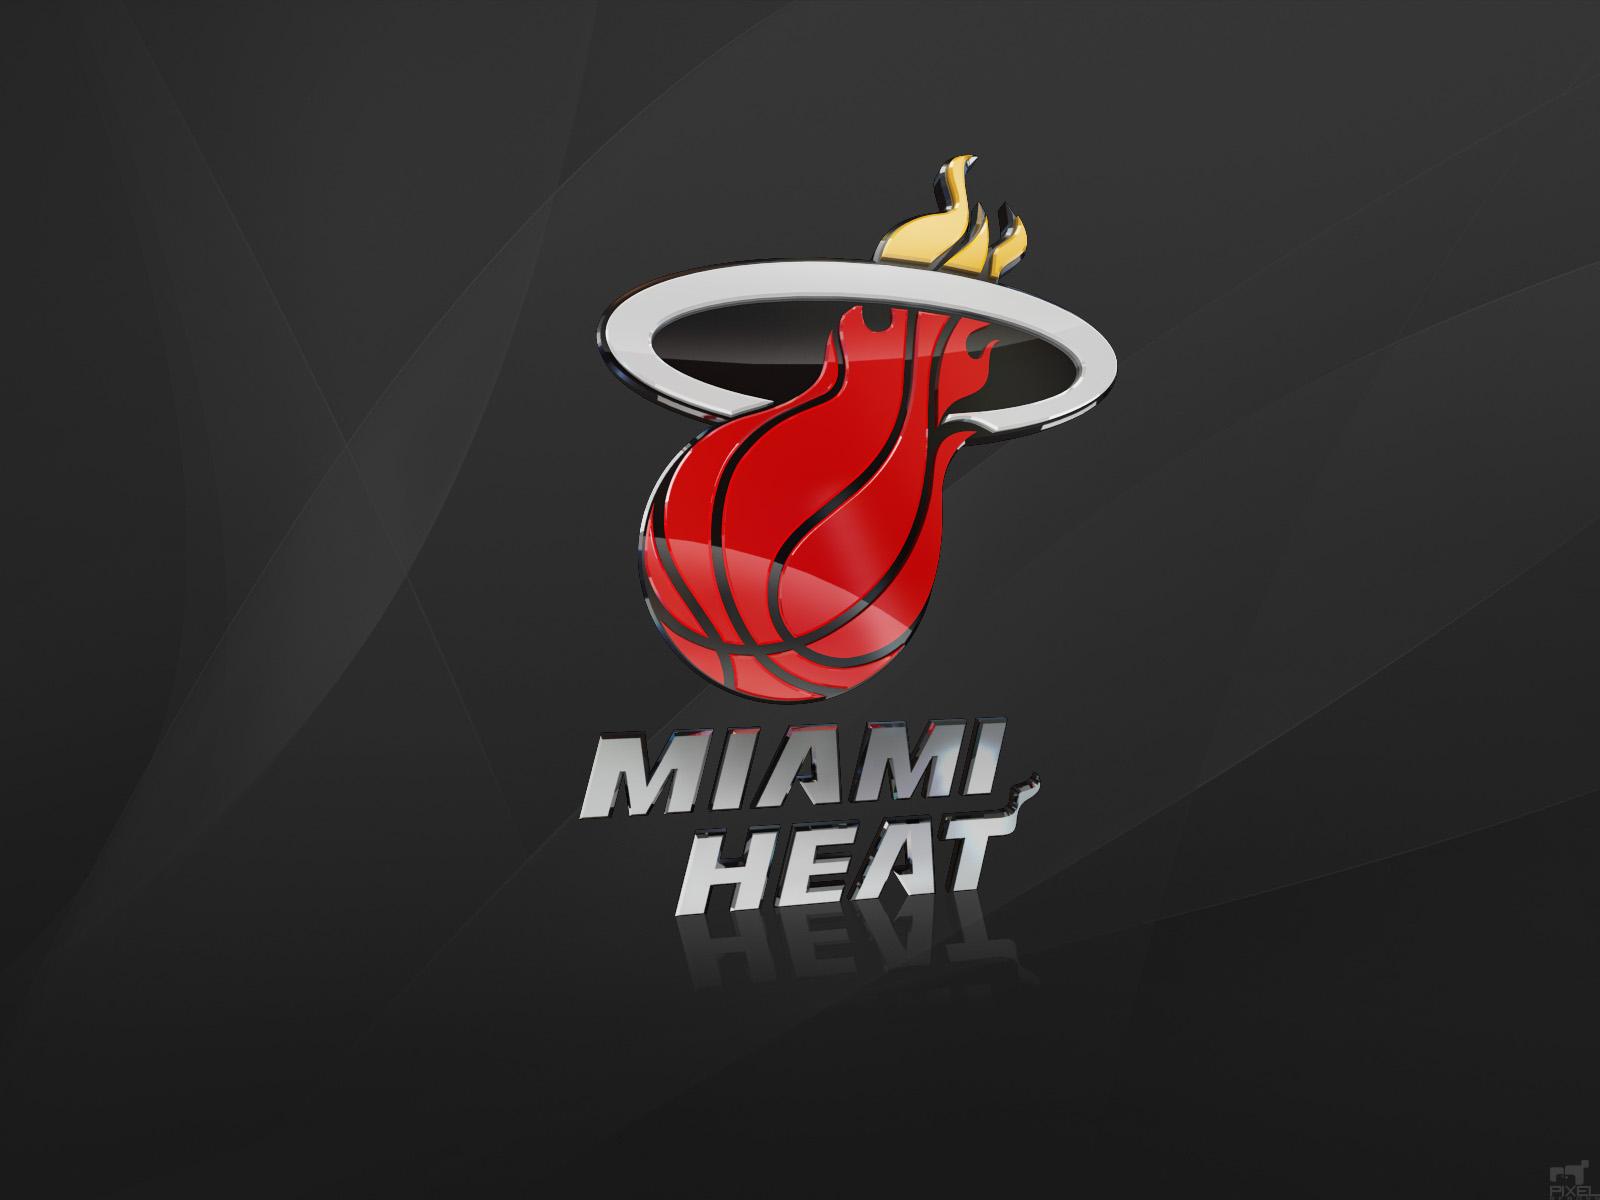 Sports   NBA Miami Heat Logo   Desktop Wallpaper s 1600x1200